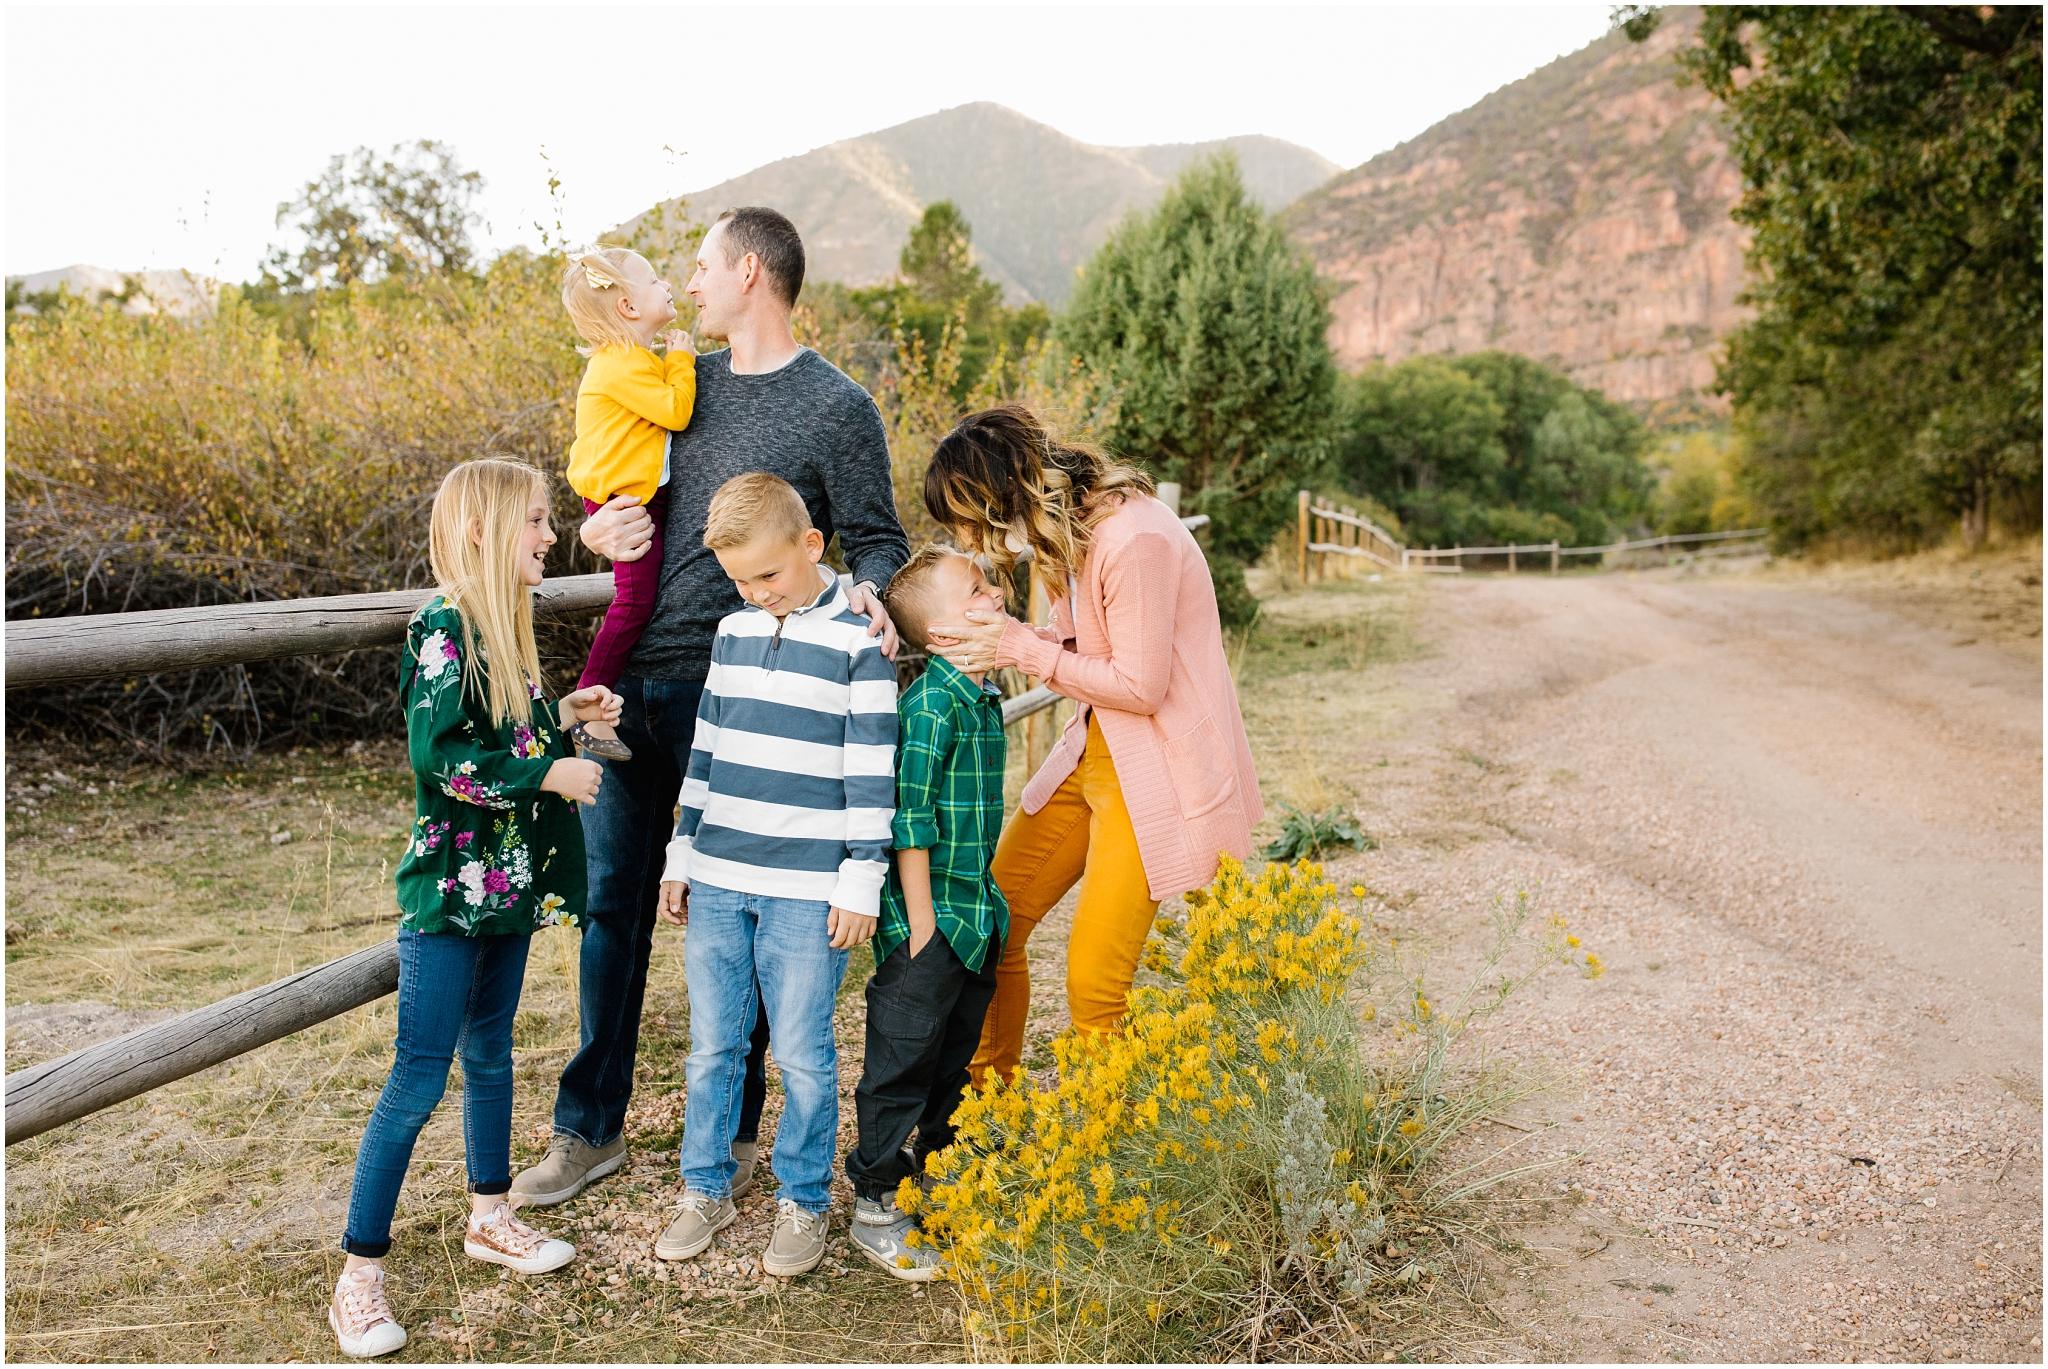 CominMini-53_Lizzie-B-Imagery-Utah-Family-Photographer-Utah-County-Central-Utah-Park-City-Salt-Lake-City.jpg